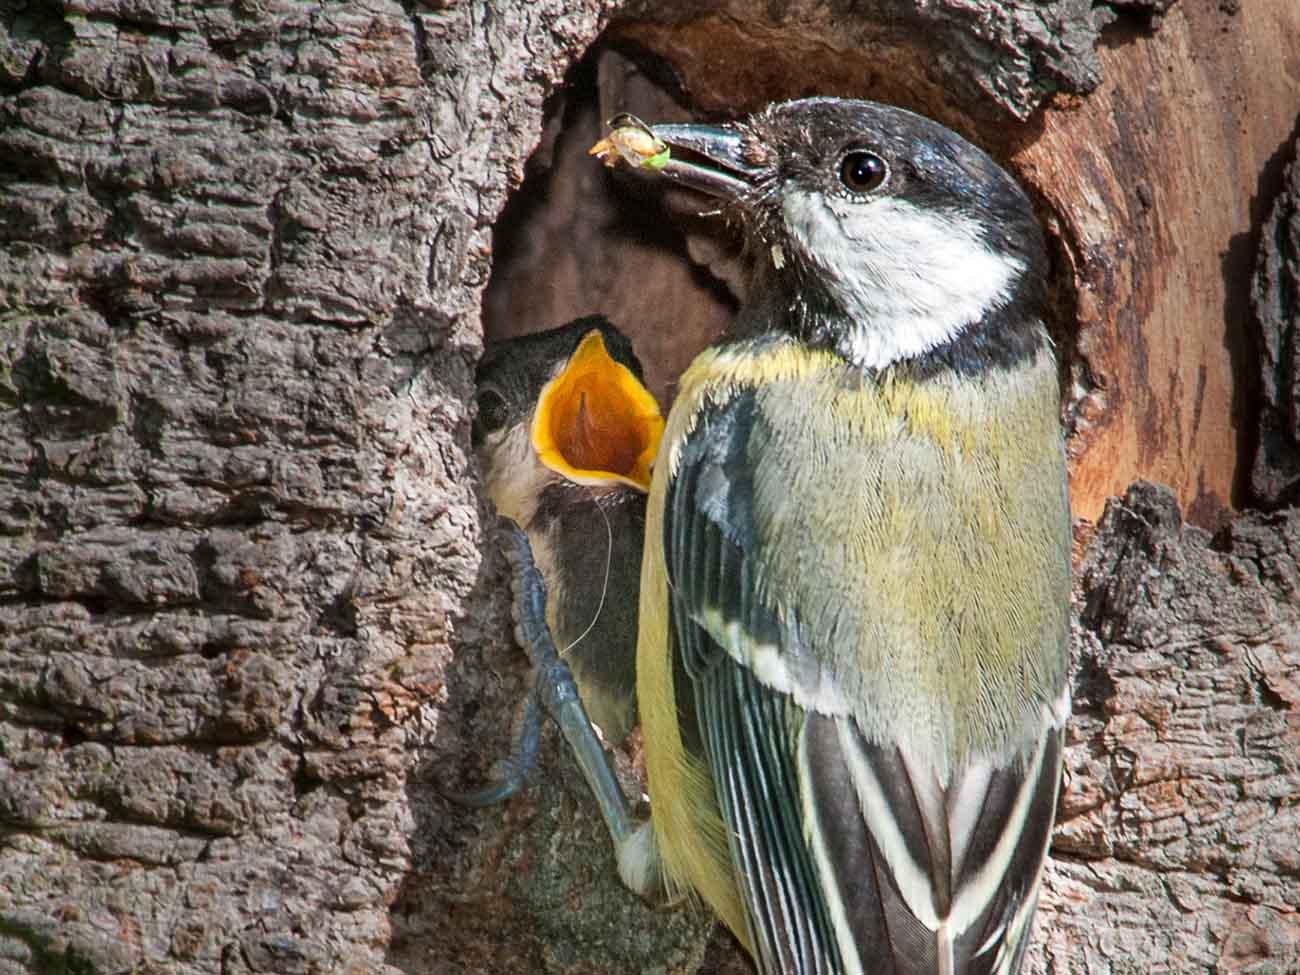 Kohlmeisen können zwölf Jahre alt werden. Die 18 Tage im Nest sind nicht einmal ein halbes Prozent ihres Lebens.